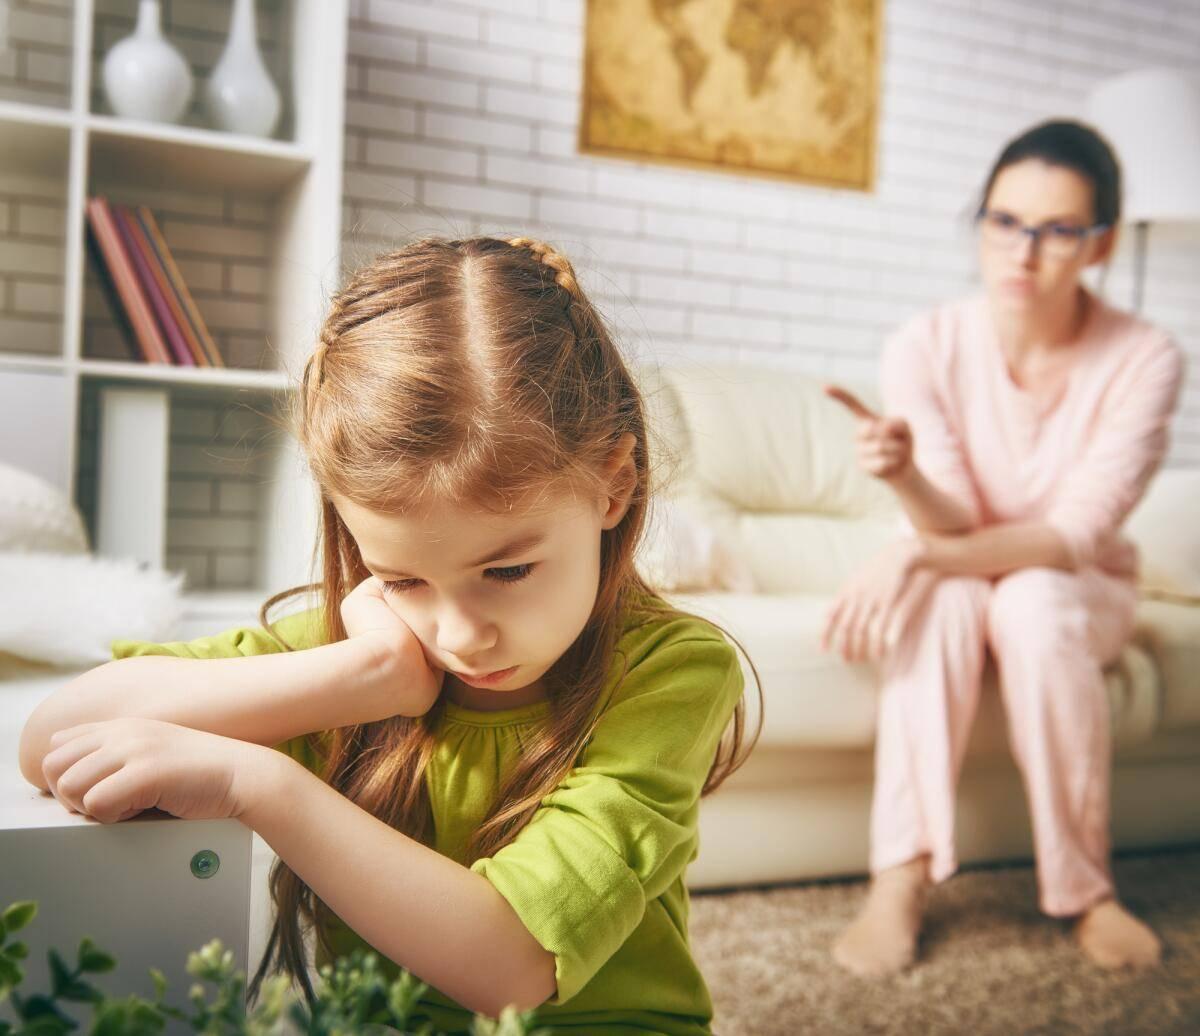 6 типичных ошибок семейного воспитания, или как избежать проблем во взаимоотношениях детей и родителей - мой пупсик